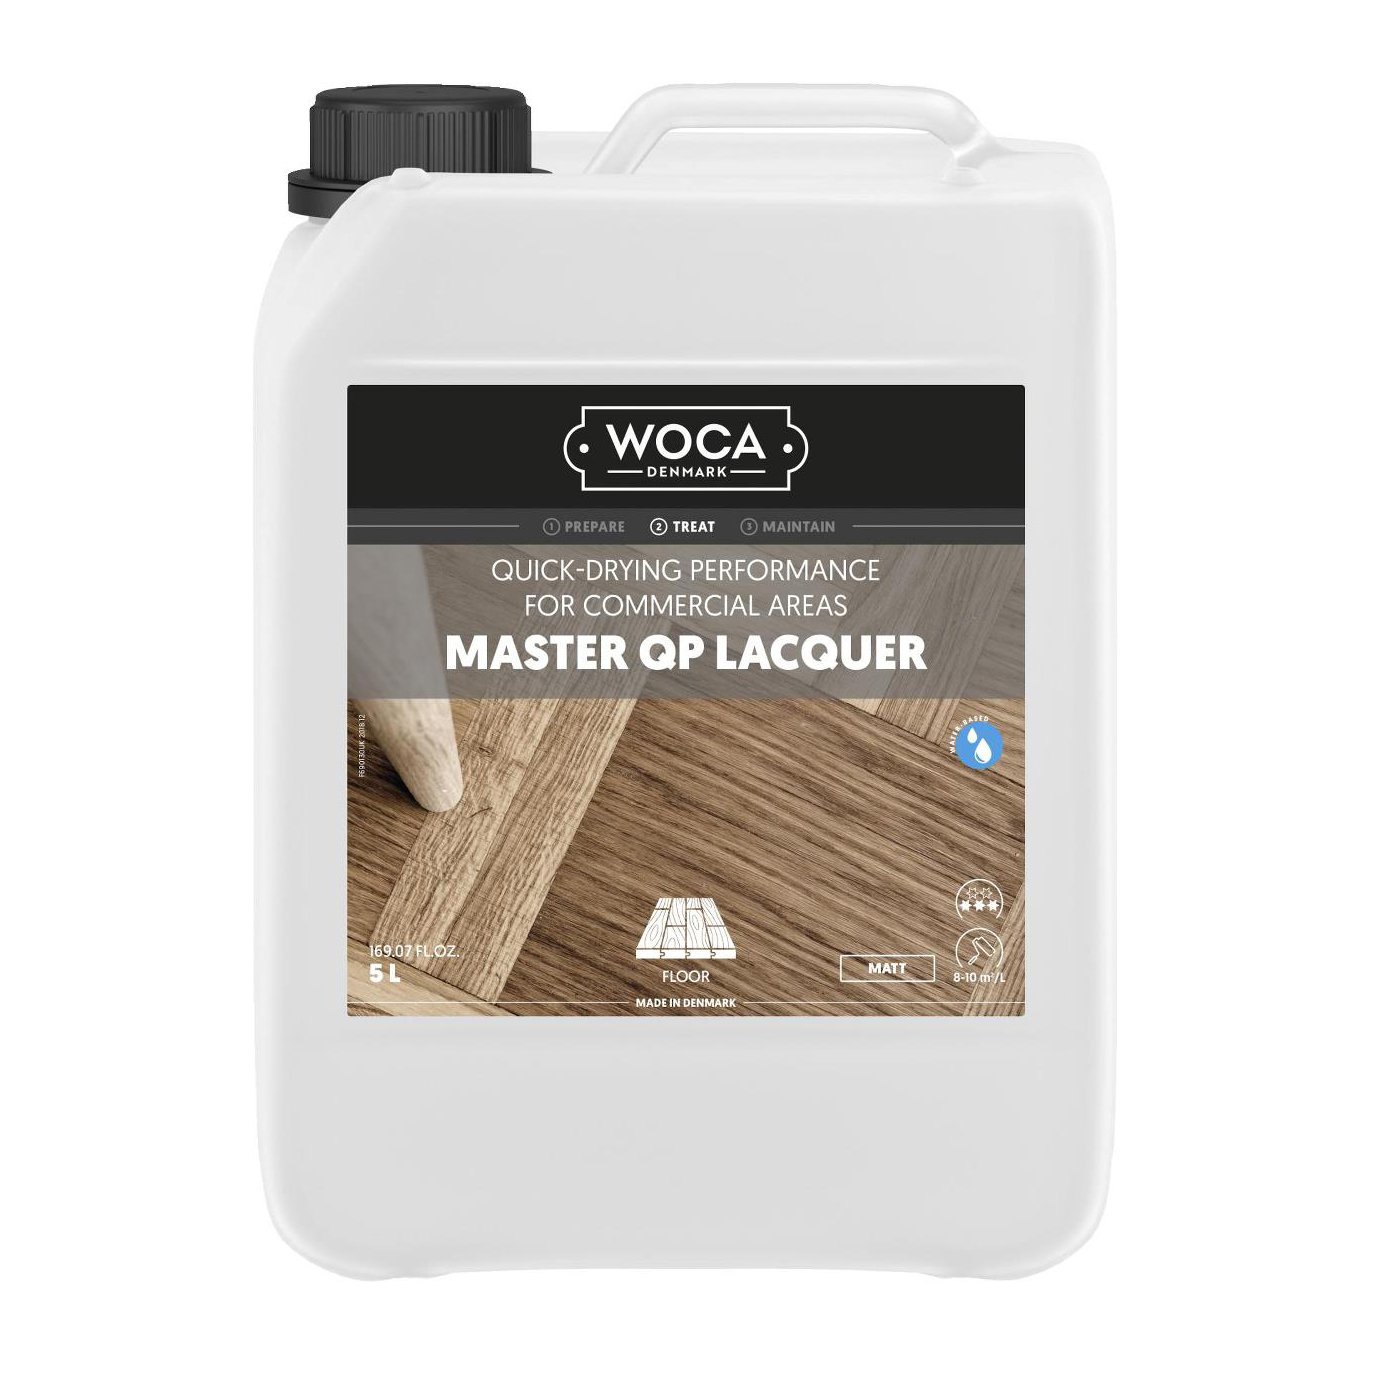 WOCA Master QP 5 l parquet lacquer